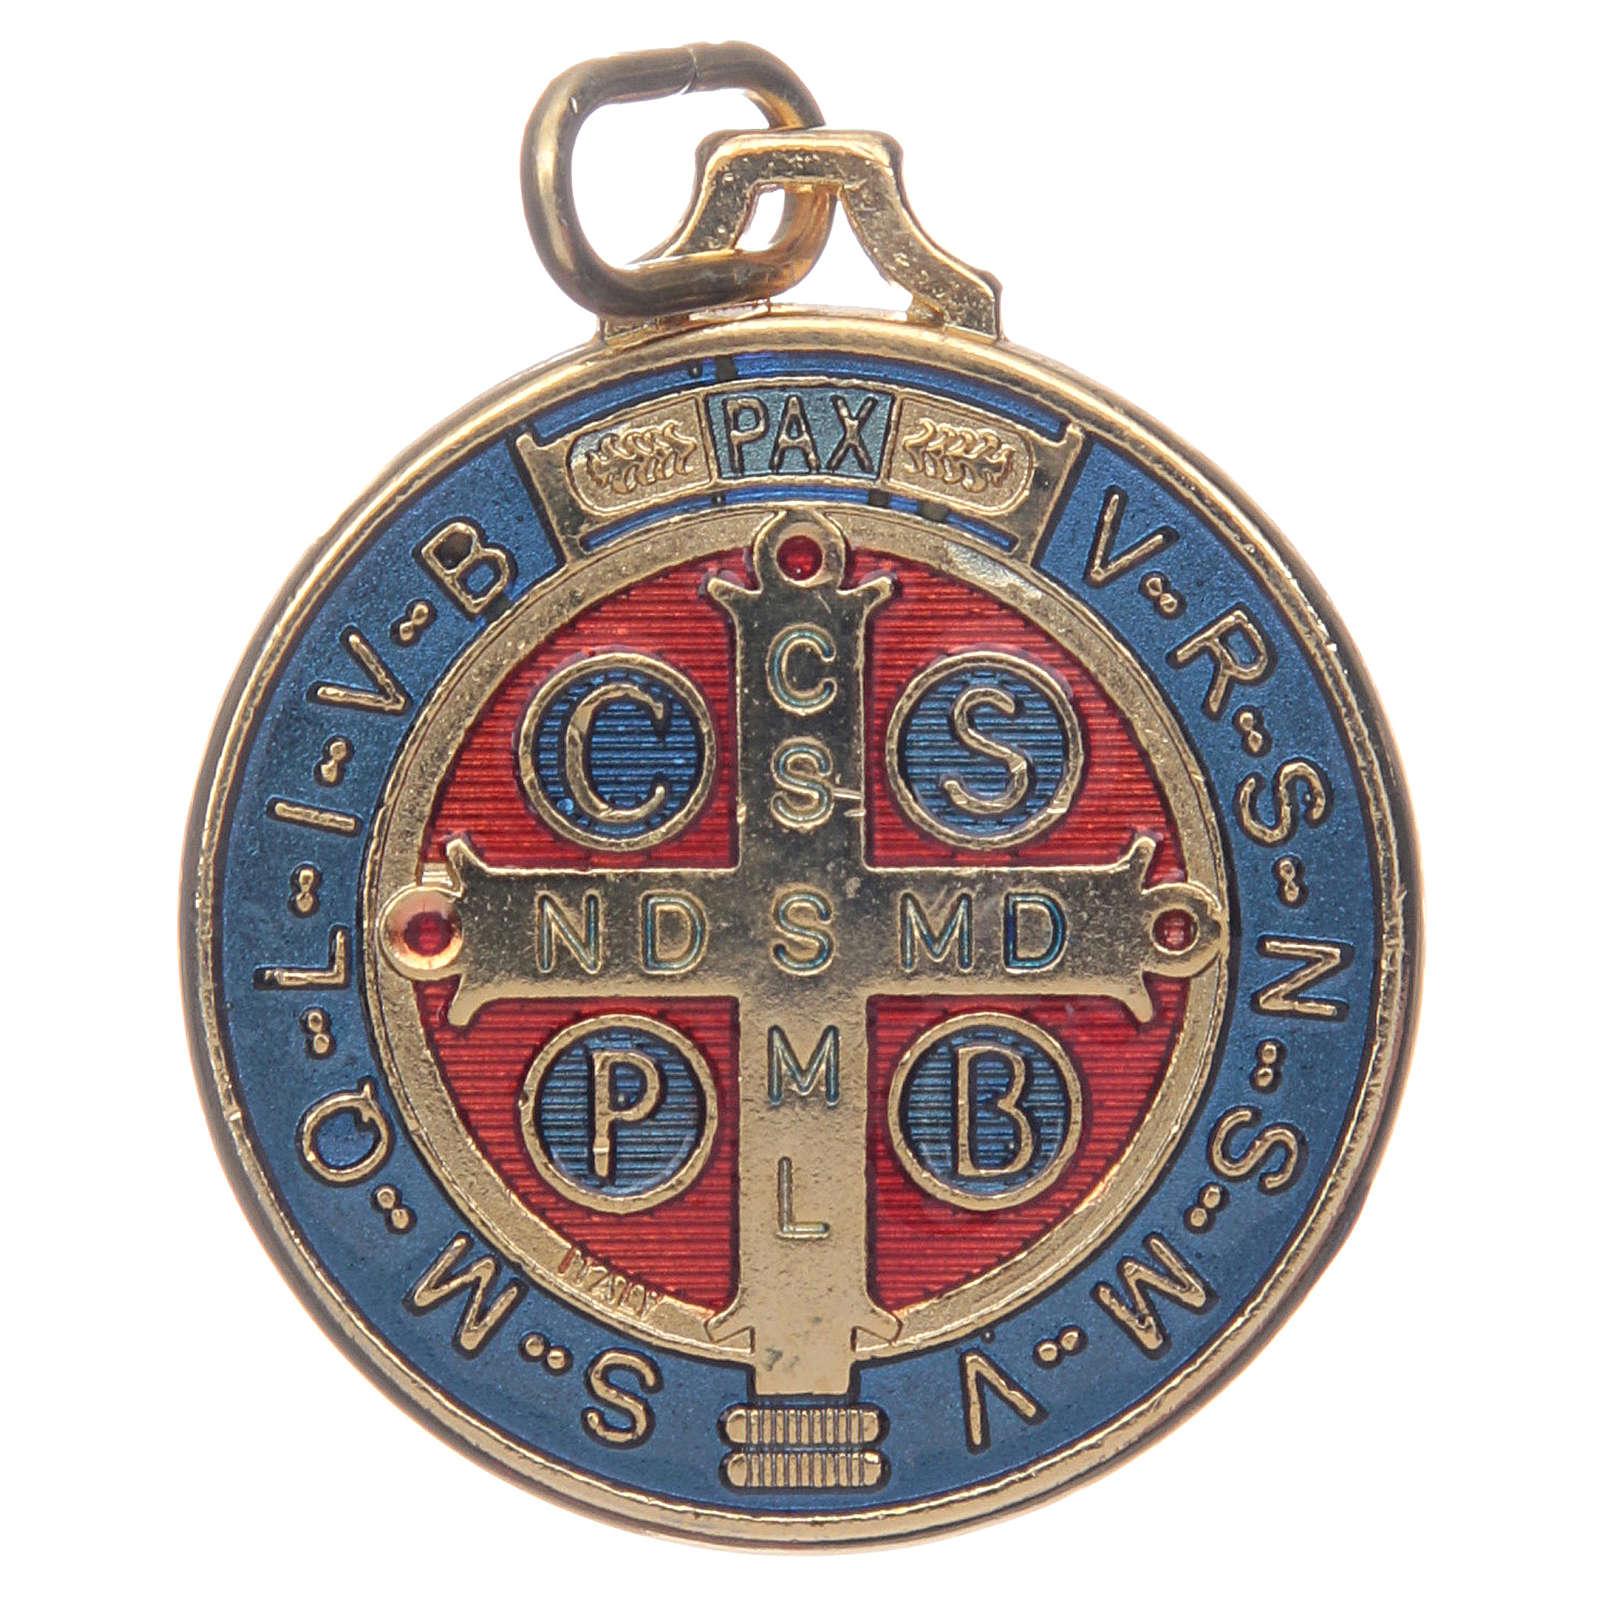 Medalha São Bento zamak dourado esmaltada tamanhos diferentes 4